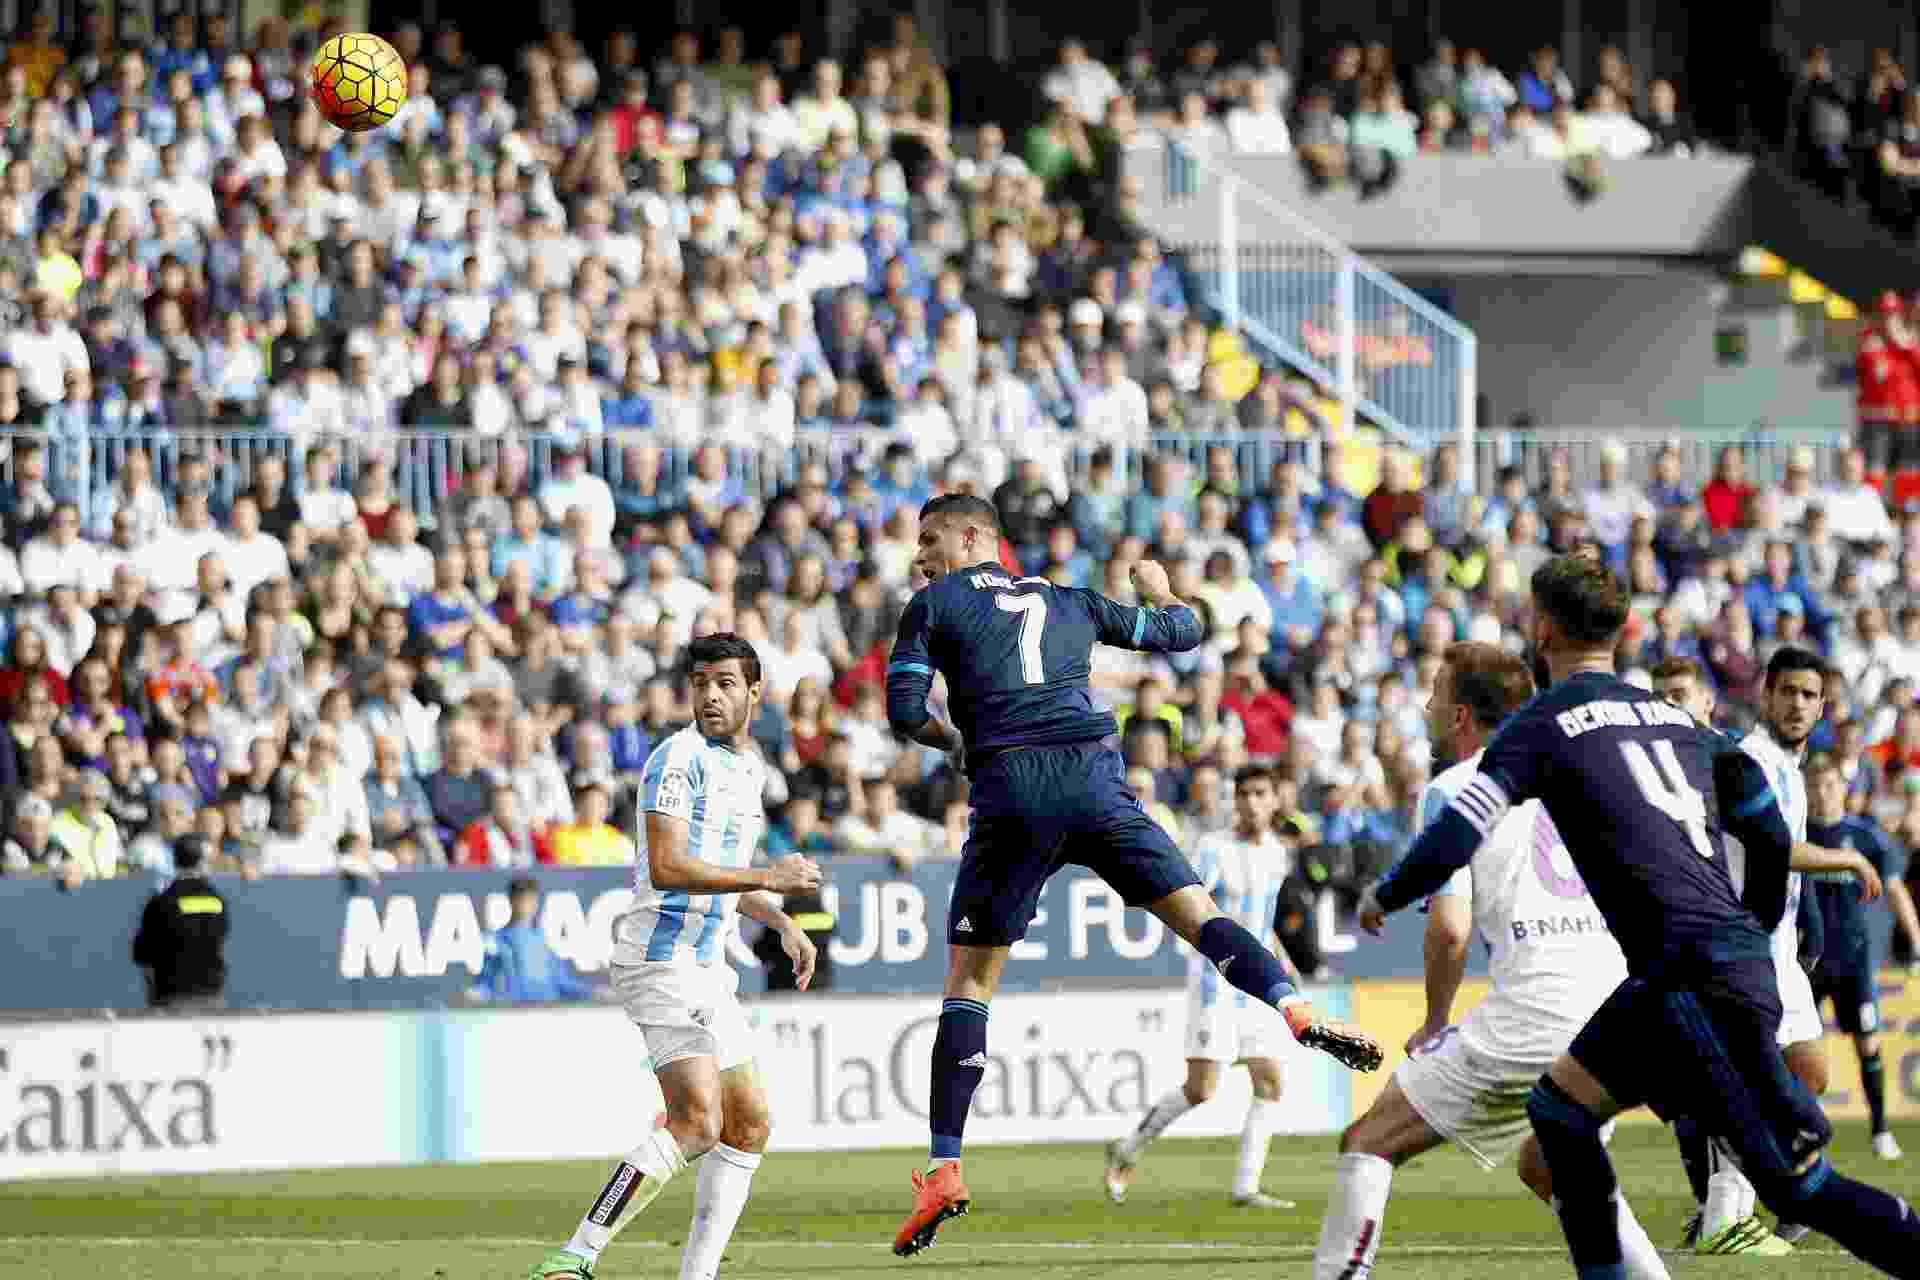 Cristiano Ronaldo cabeceia para abrir o placar para o Real Madrid, em jogo contra o Málaga no Estádio de La Rosaleda - Jorge Zapata/EFE